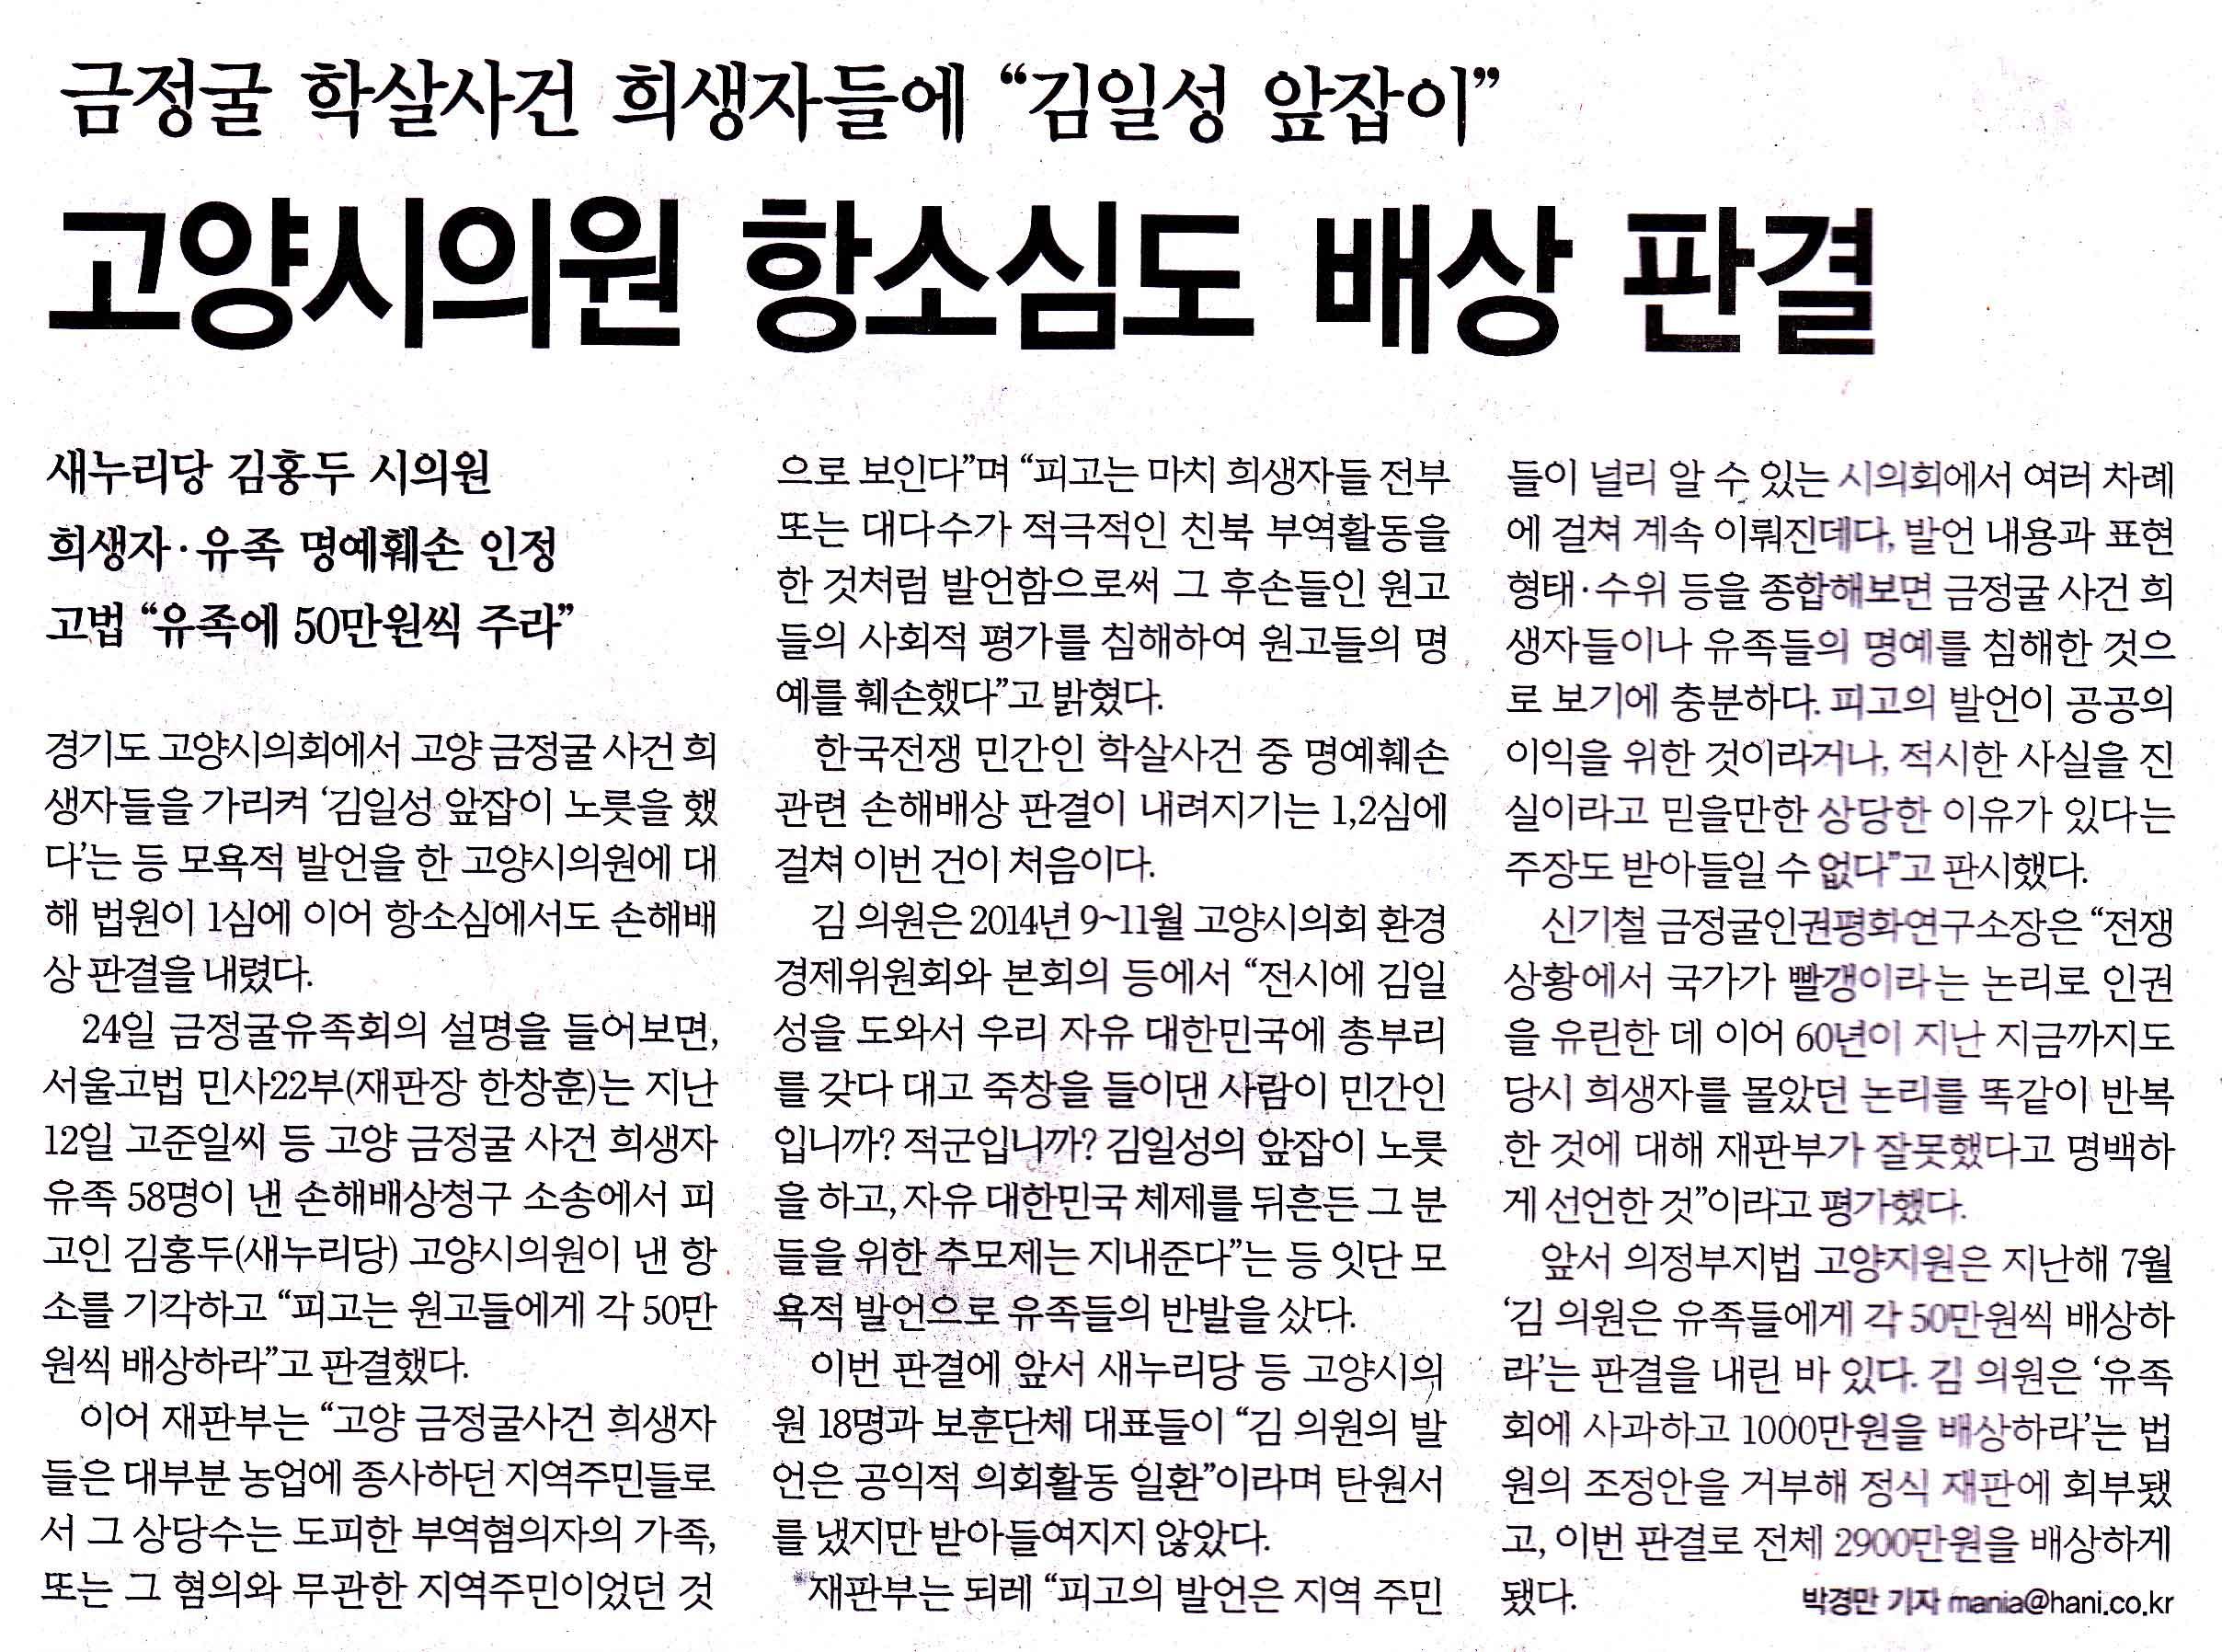 한겨례_20170125.jpg